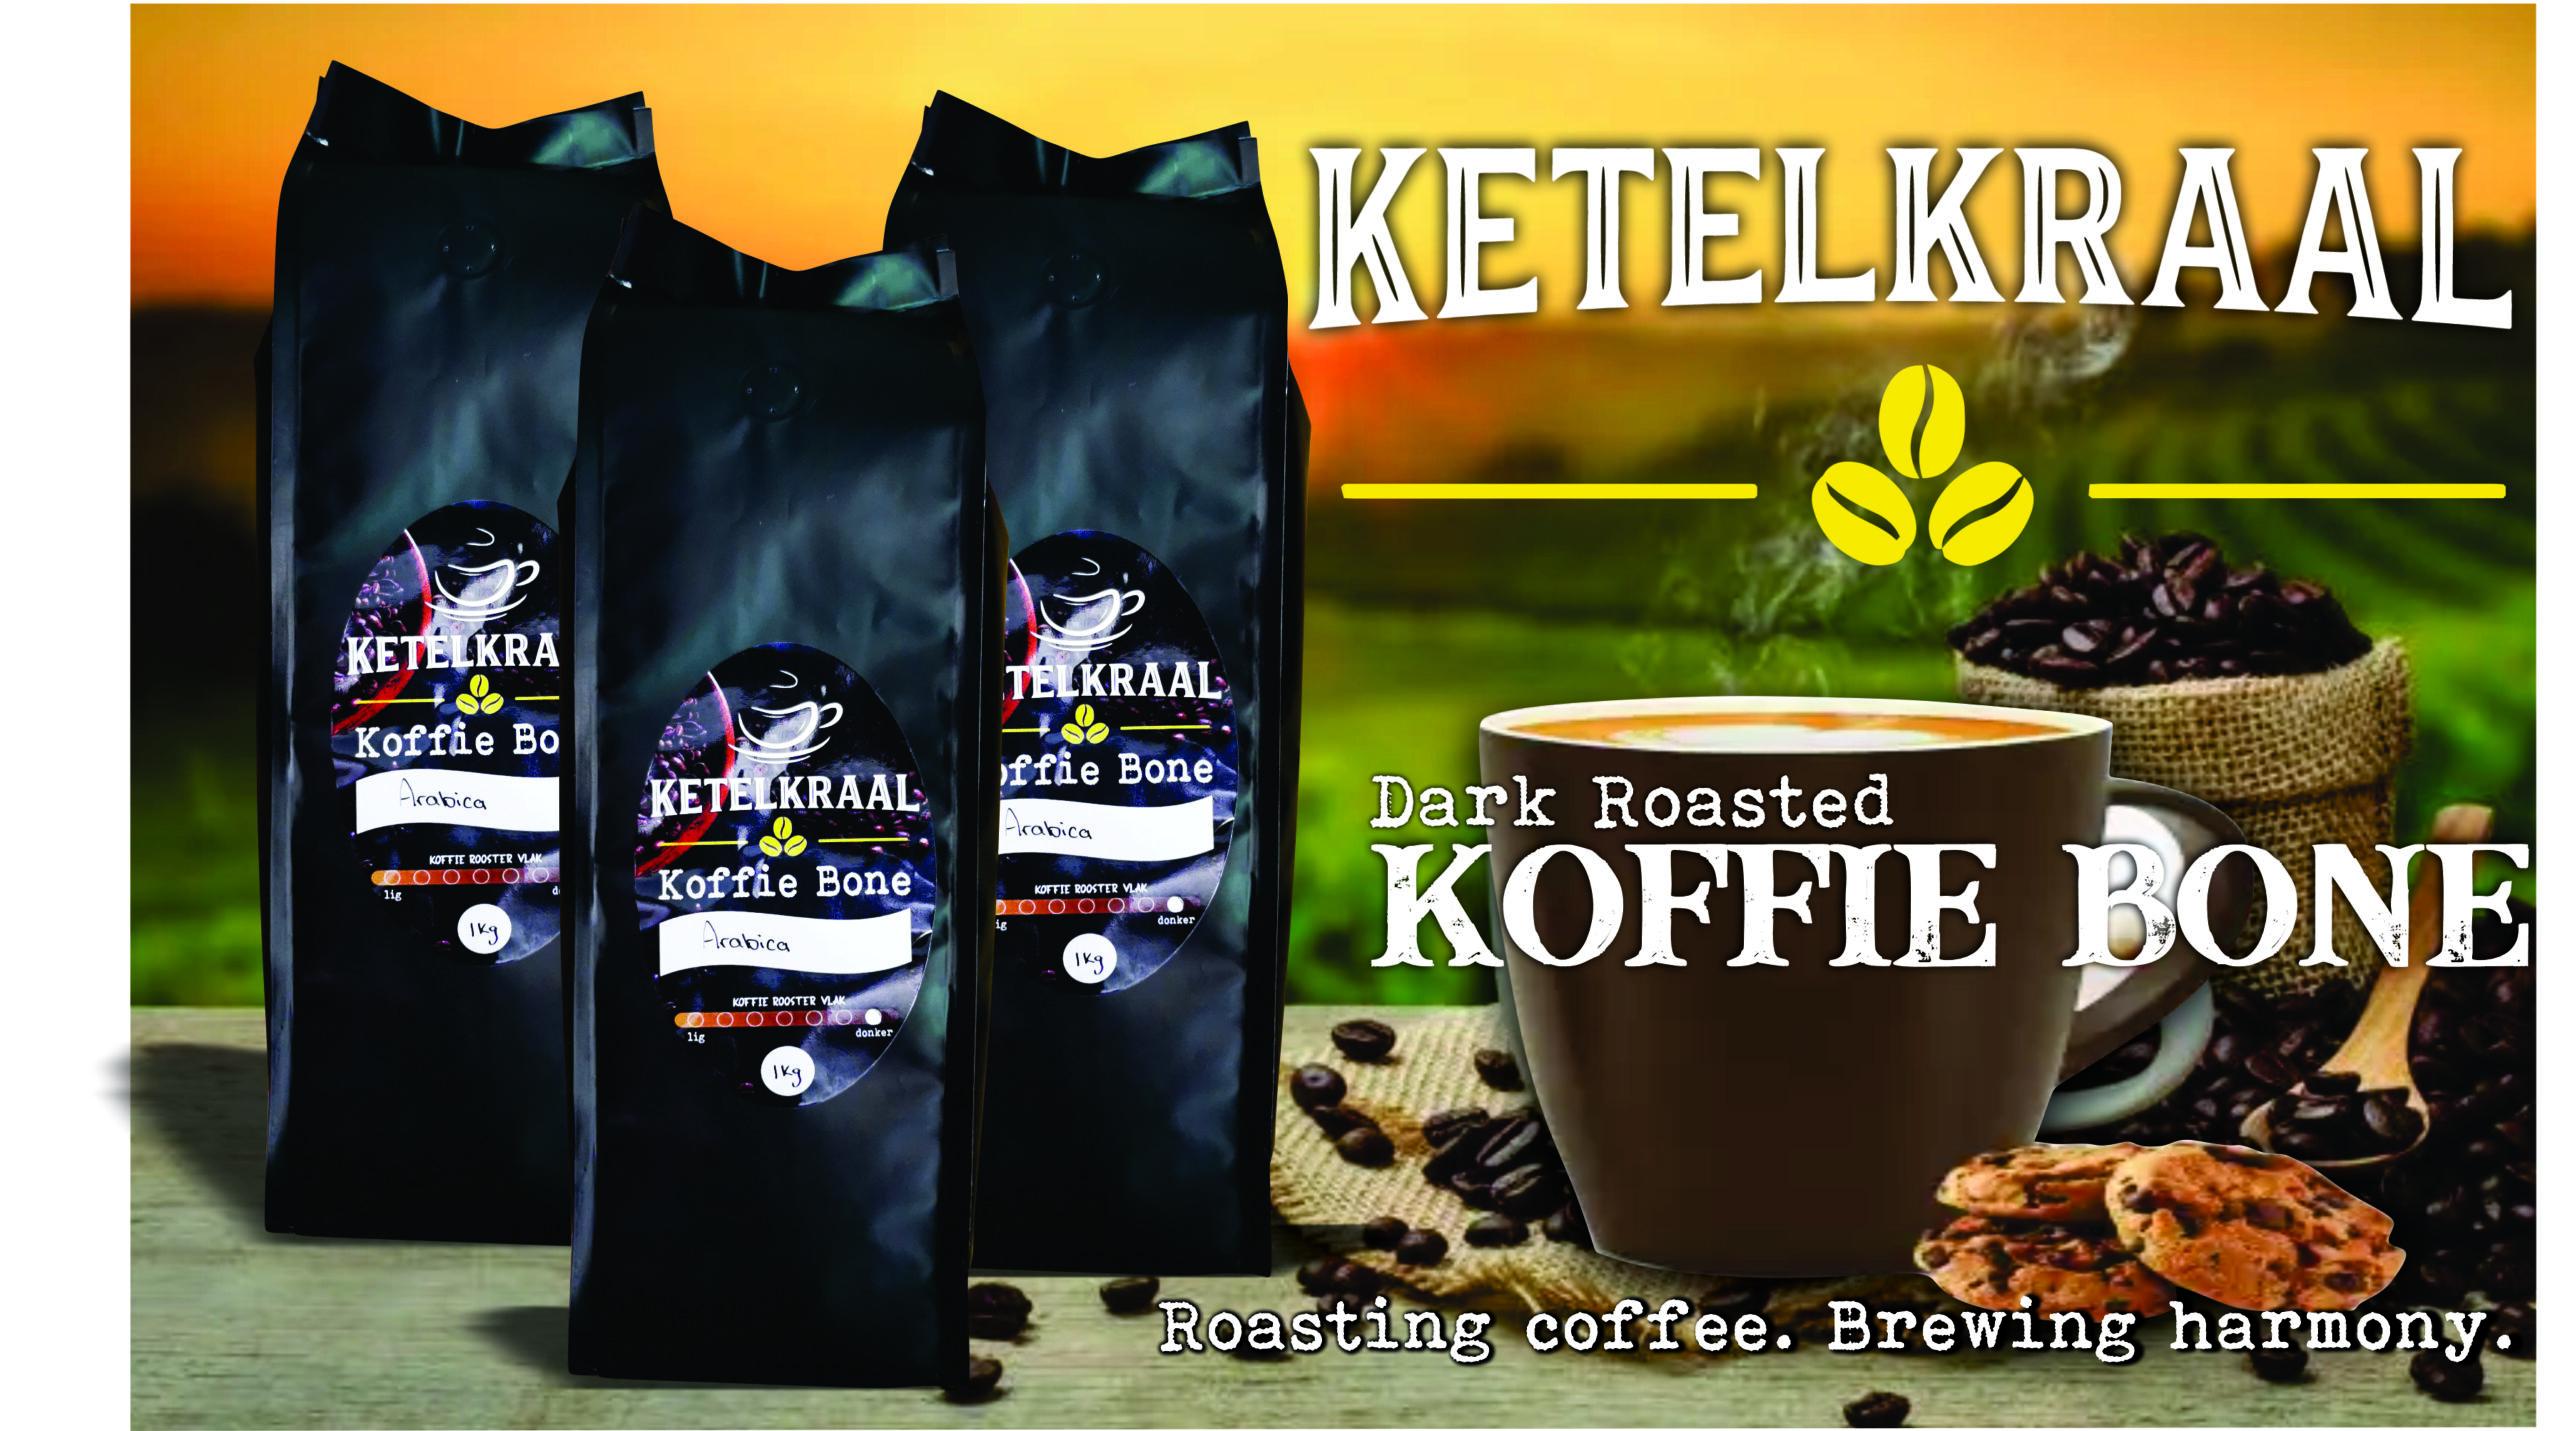 Ketelkraal Koffie Bone